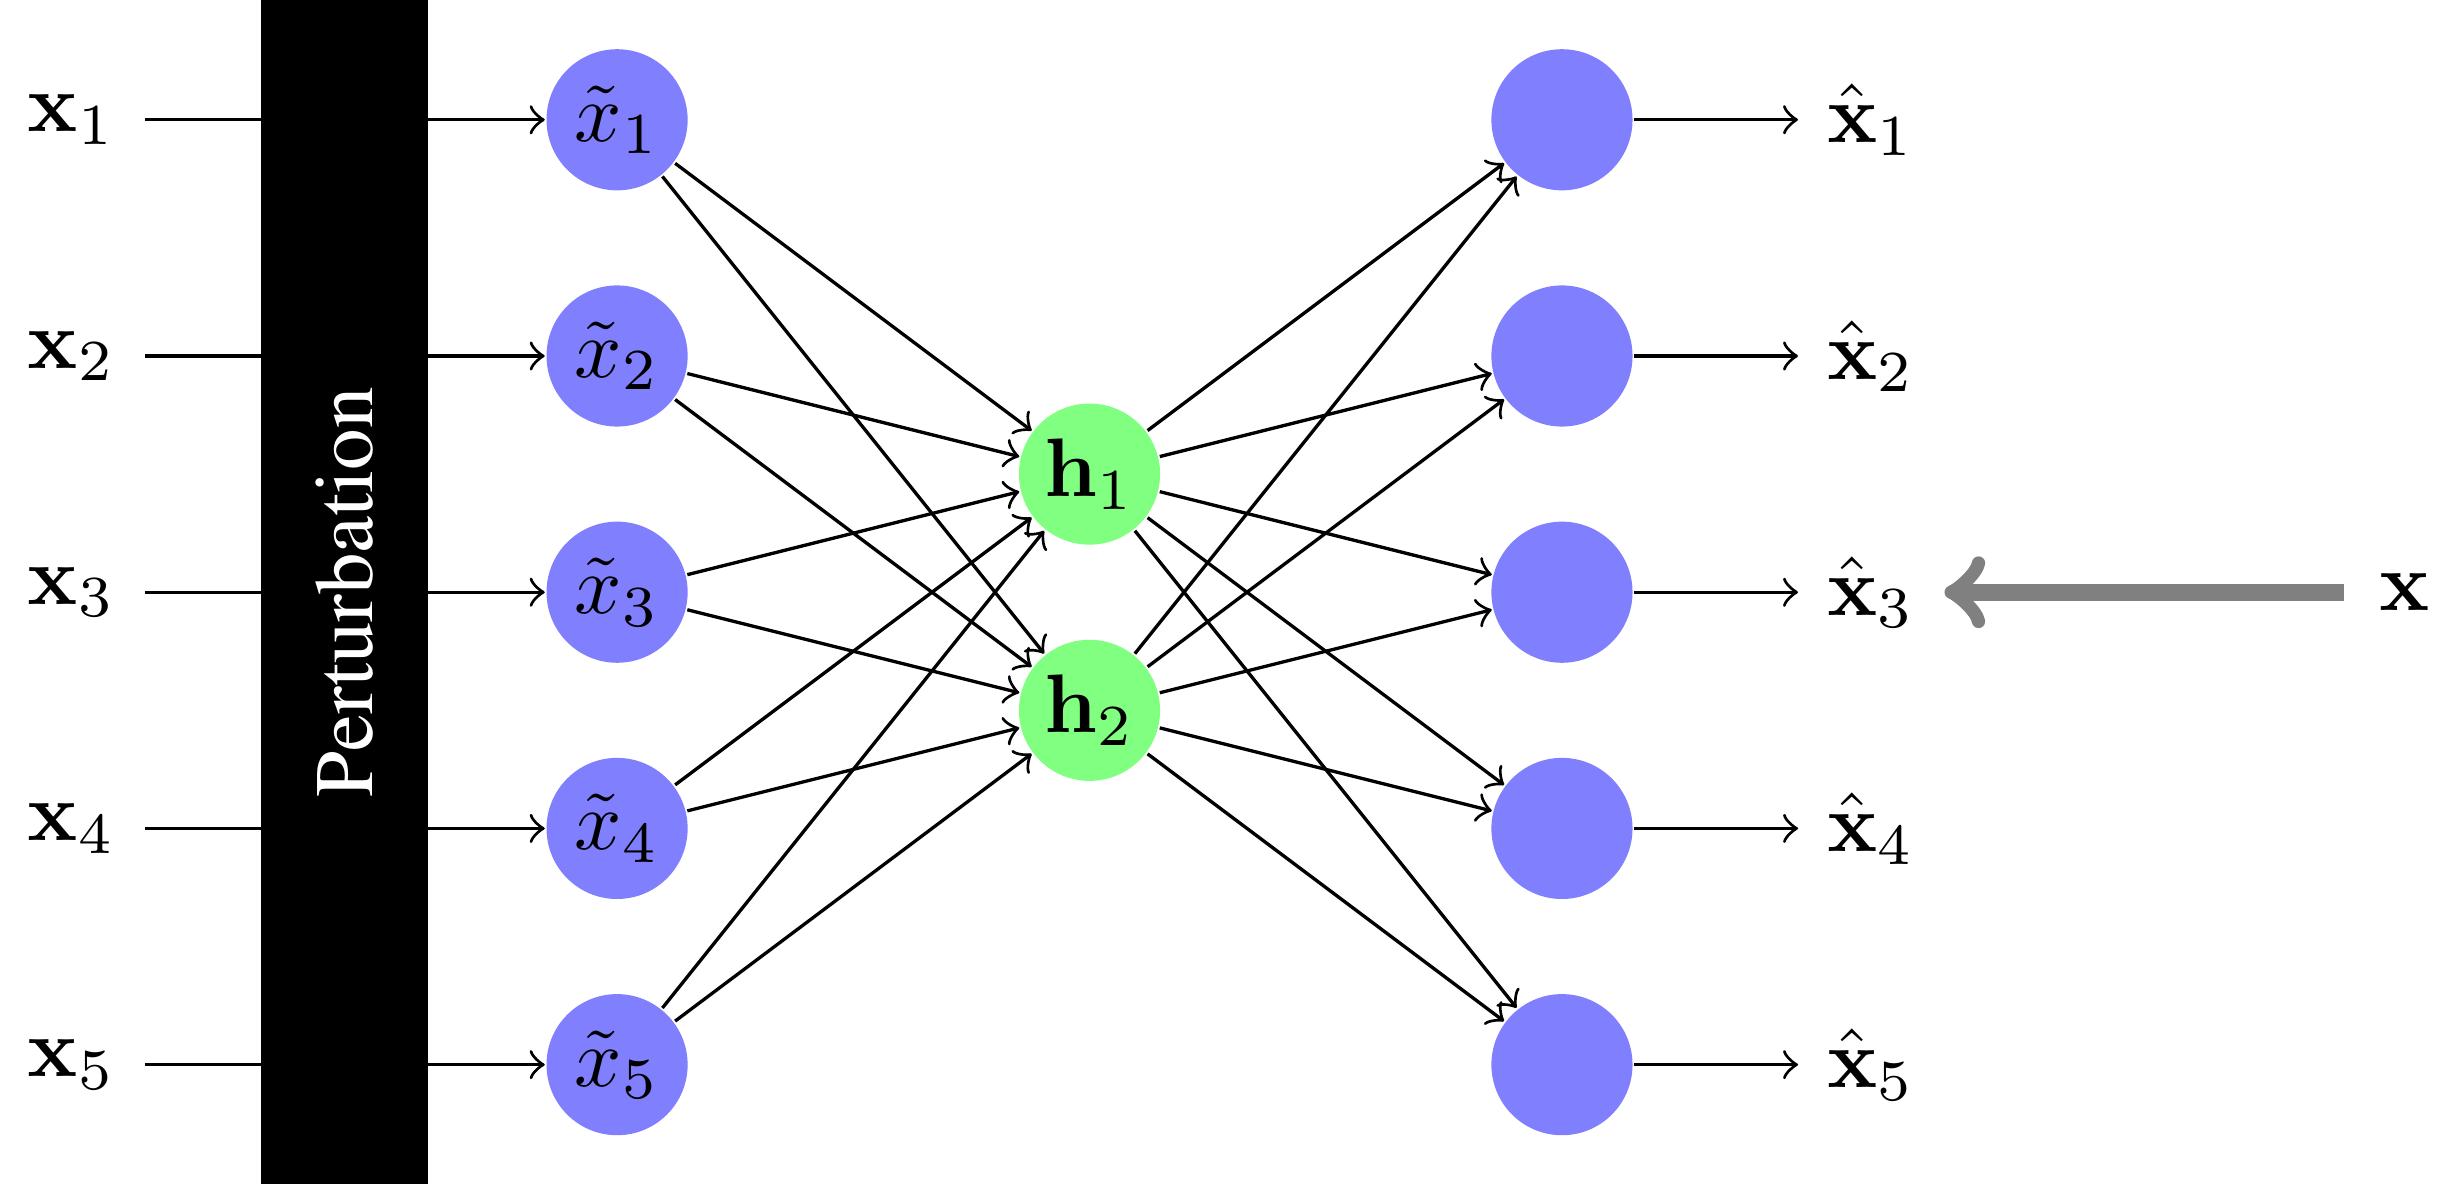 Apprendre un réseau under-complete en ajoutant de la perturbation